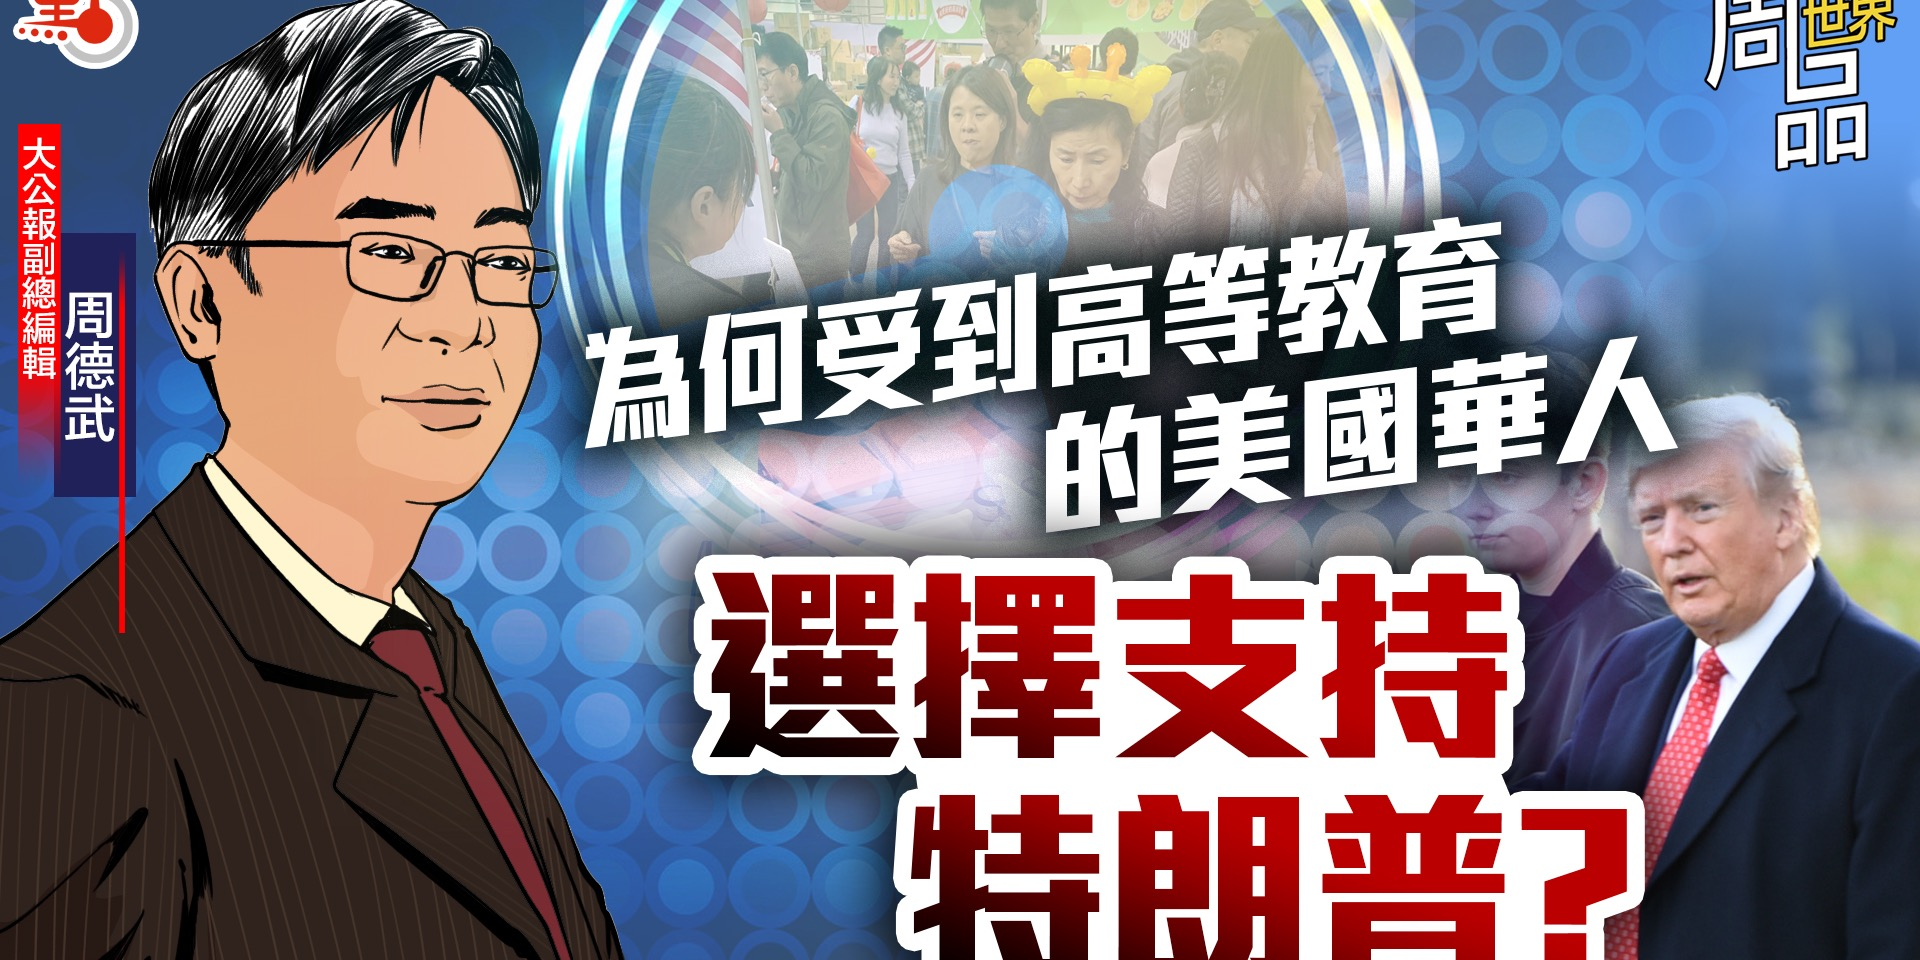 為何受到高等教育的美國華人選擇支持特朗普? | 周品世界EP11